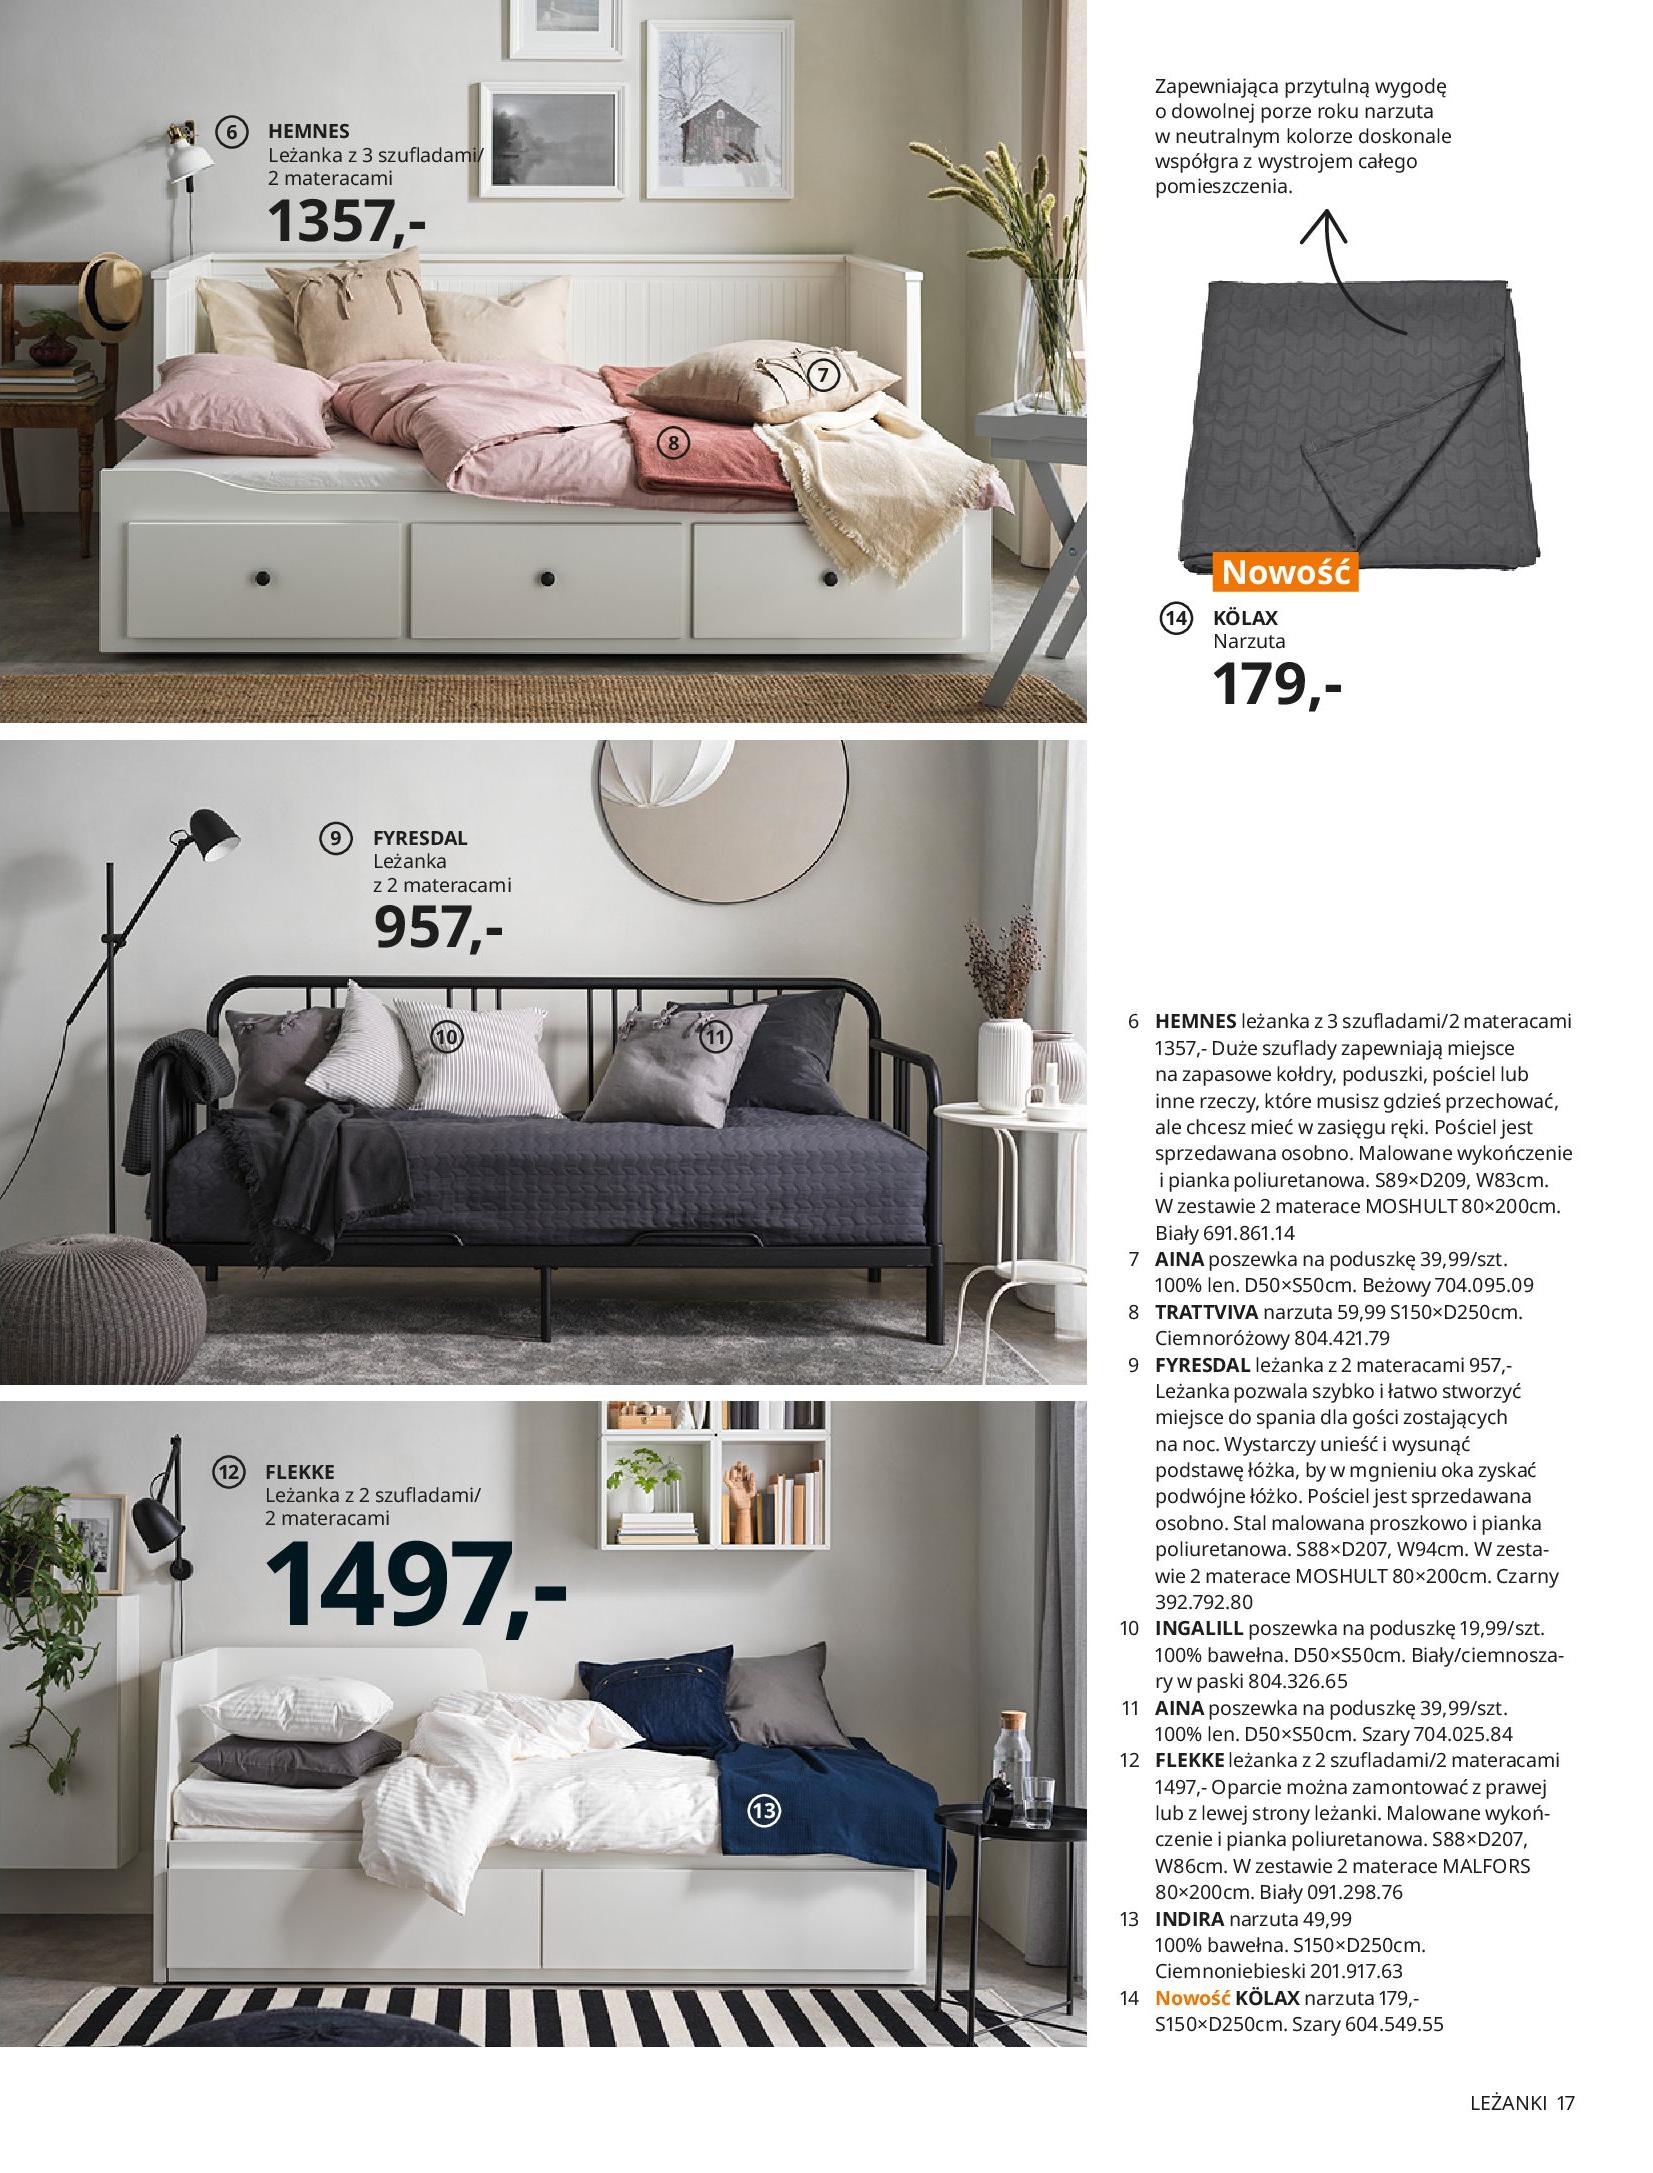 Gazetka IKEA: SYPIALNIA 2021 2021-01-13 page-17